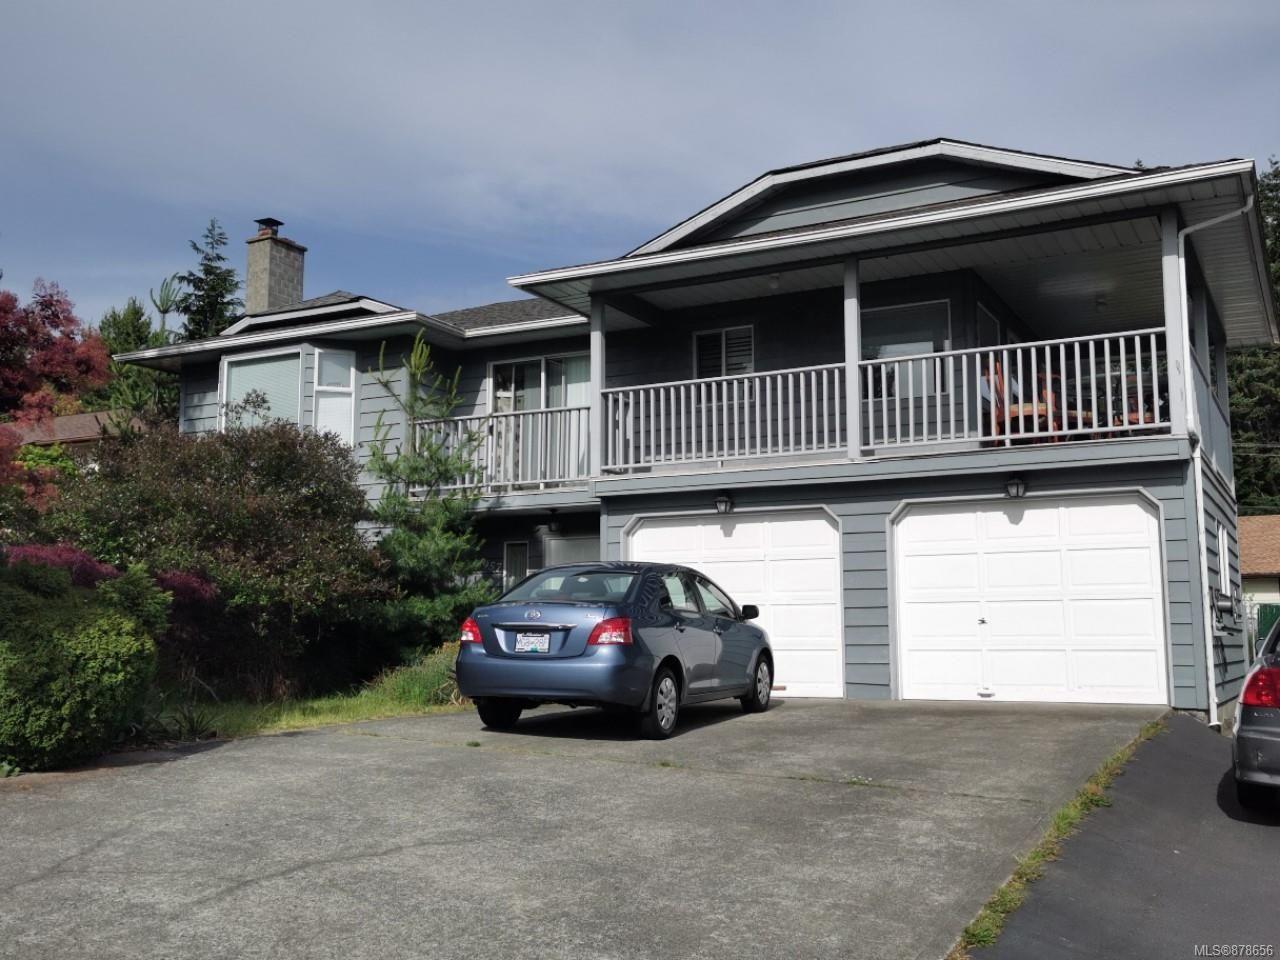 Main Photo: 5957 Breonna Dr in Nanaimo: Na North Nanaimo House for sale : MLS®# 878656